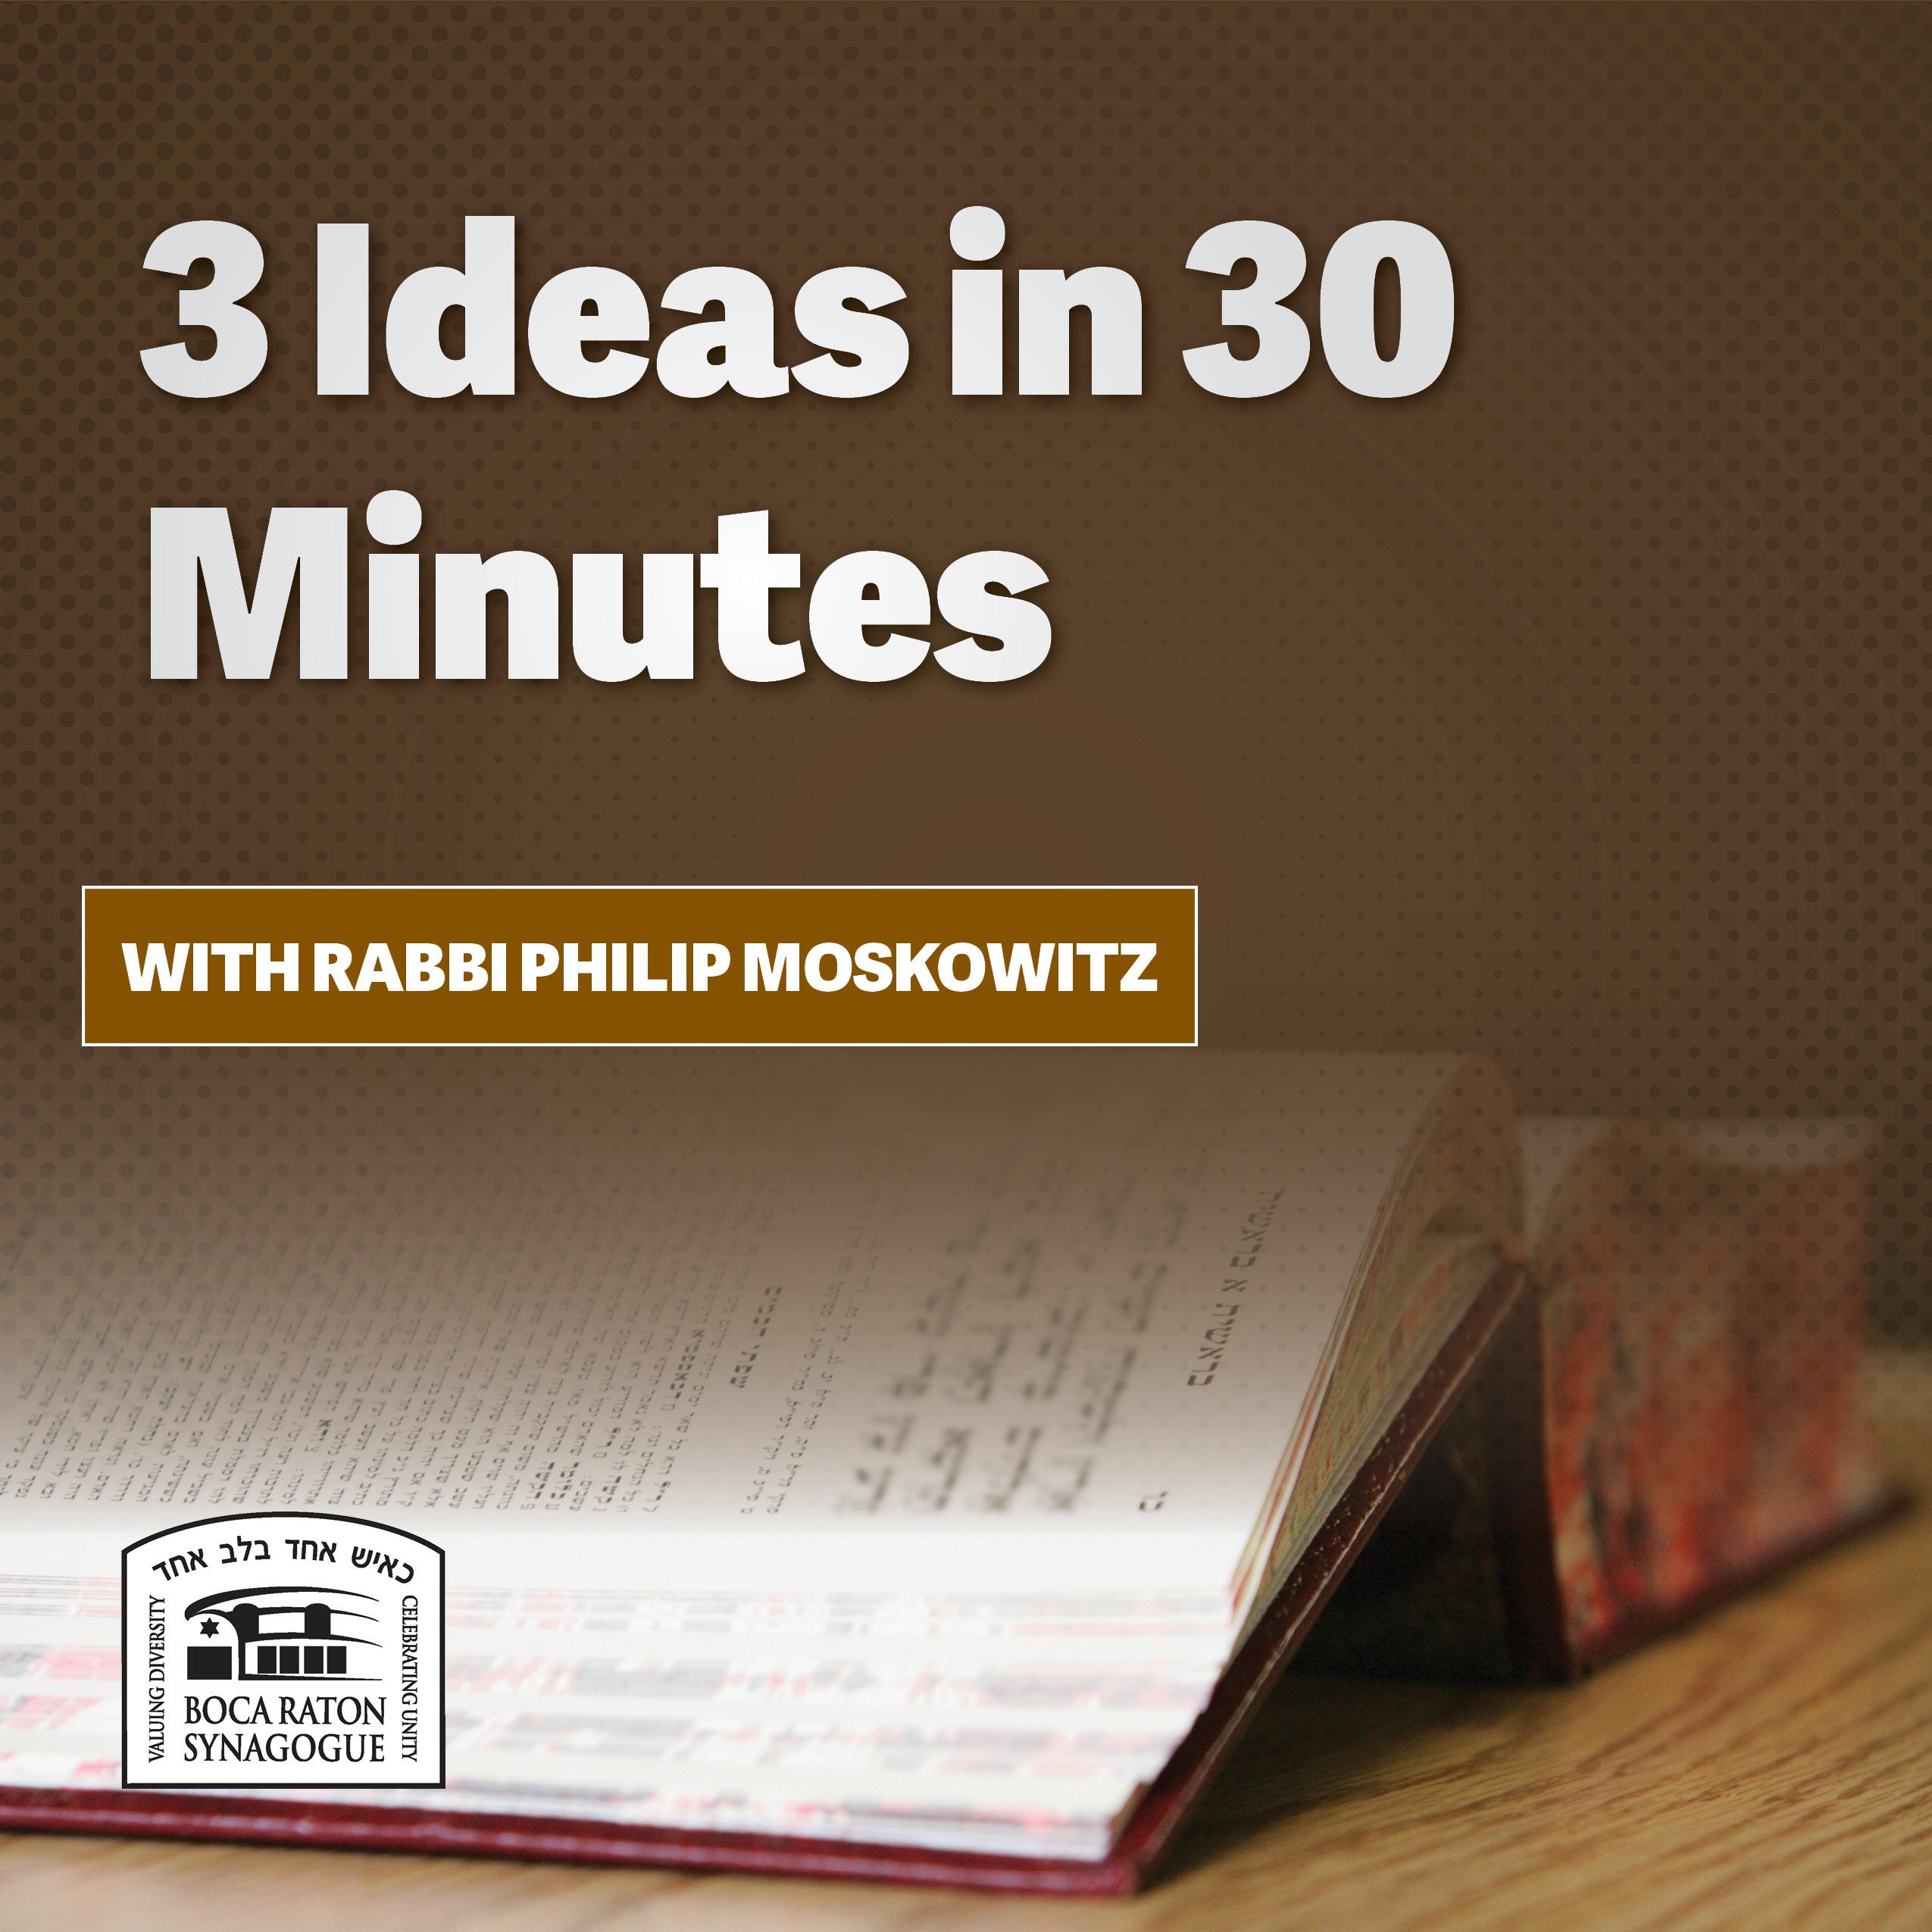 Listen: 3 Ideas in 30 Minutes